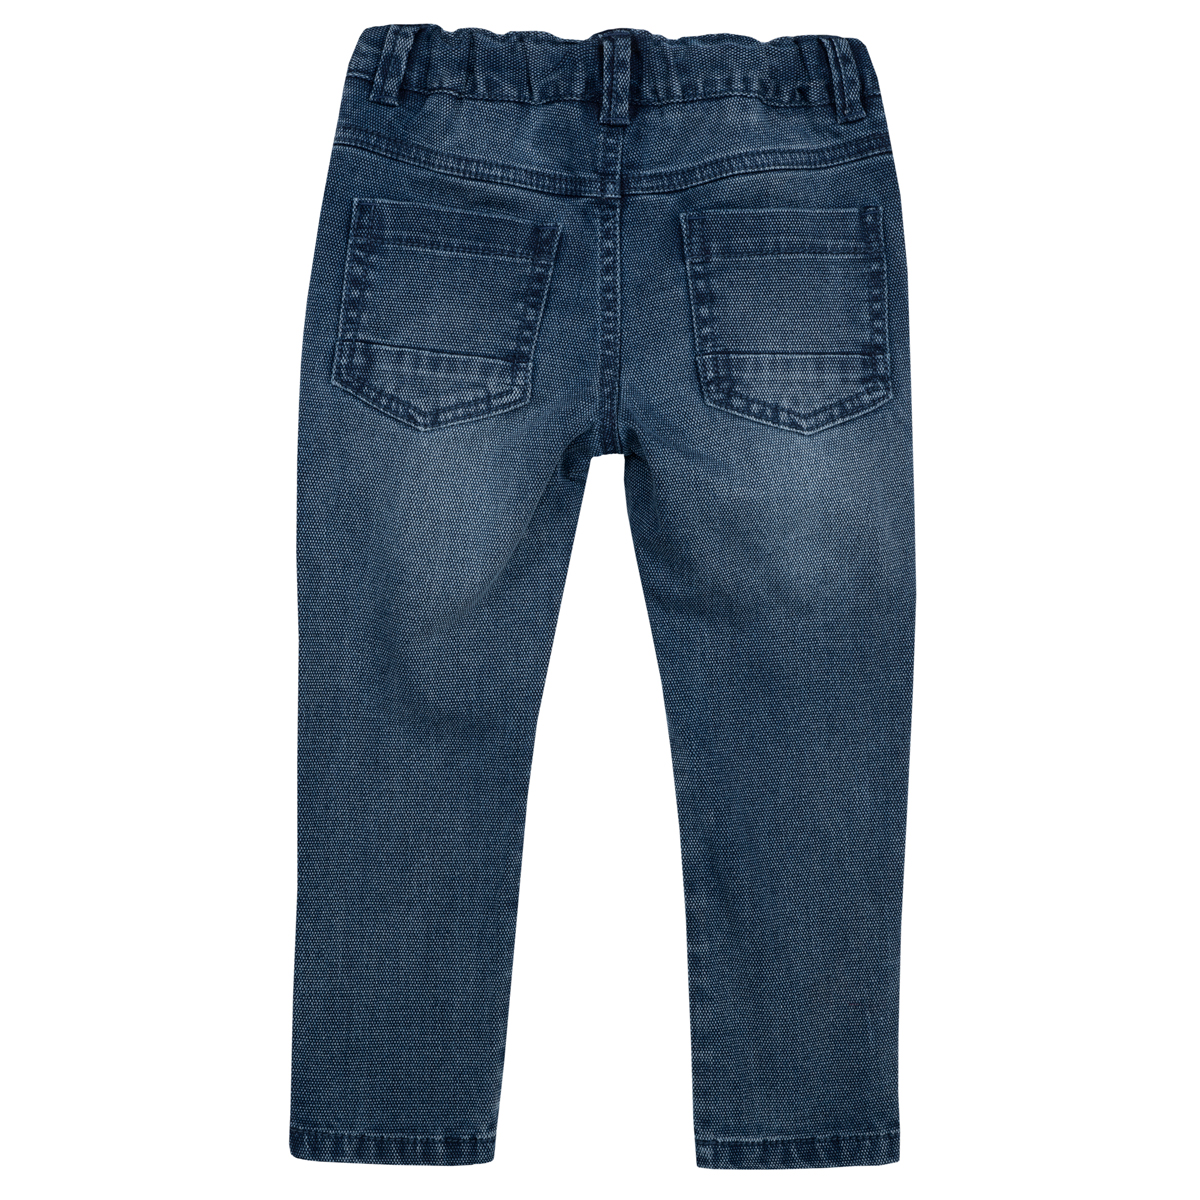 Pantalon lung copii Chicco, albastru deschis, 24973 din categoria Pantaloni copii